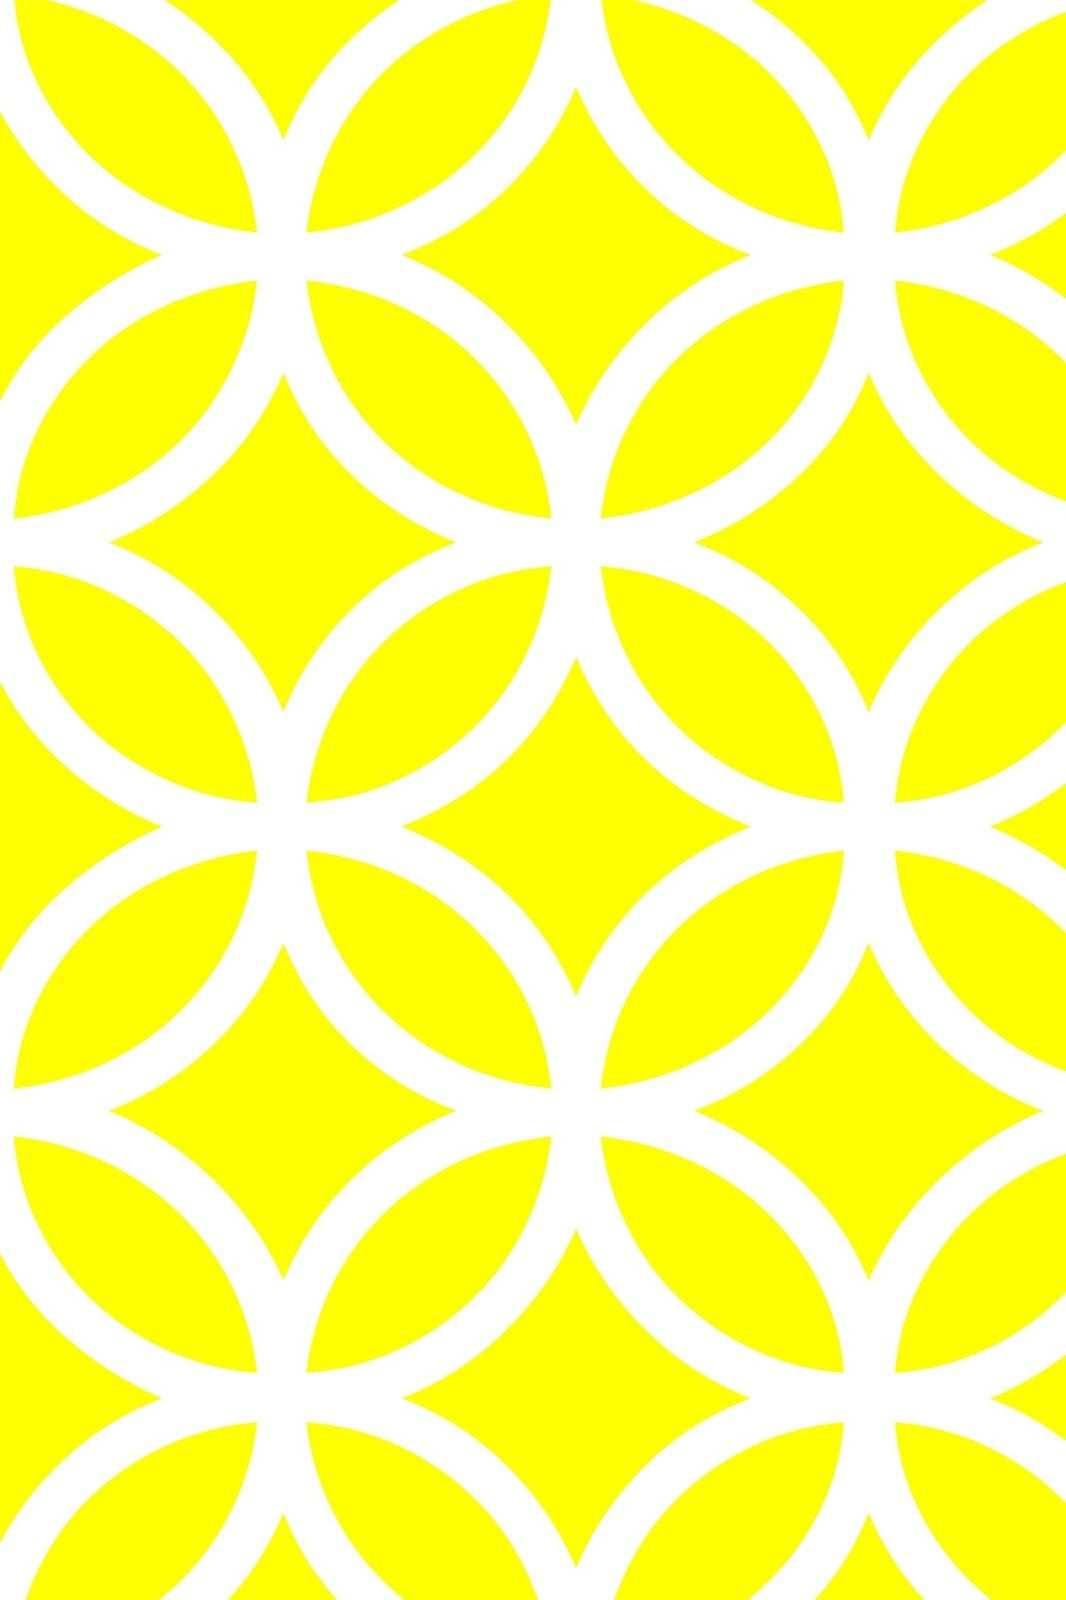 Verschiedene Muster Vorlagen Wohnlust Arabisches Muster Geometrische Muster Muster Stoff